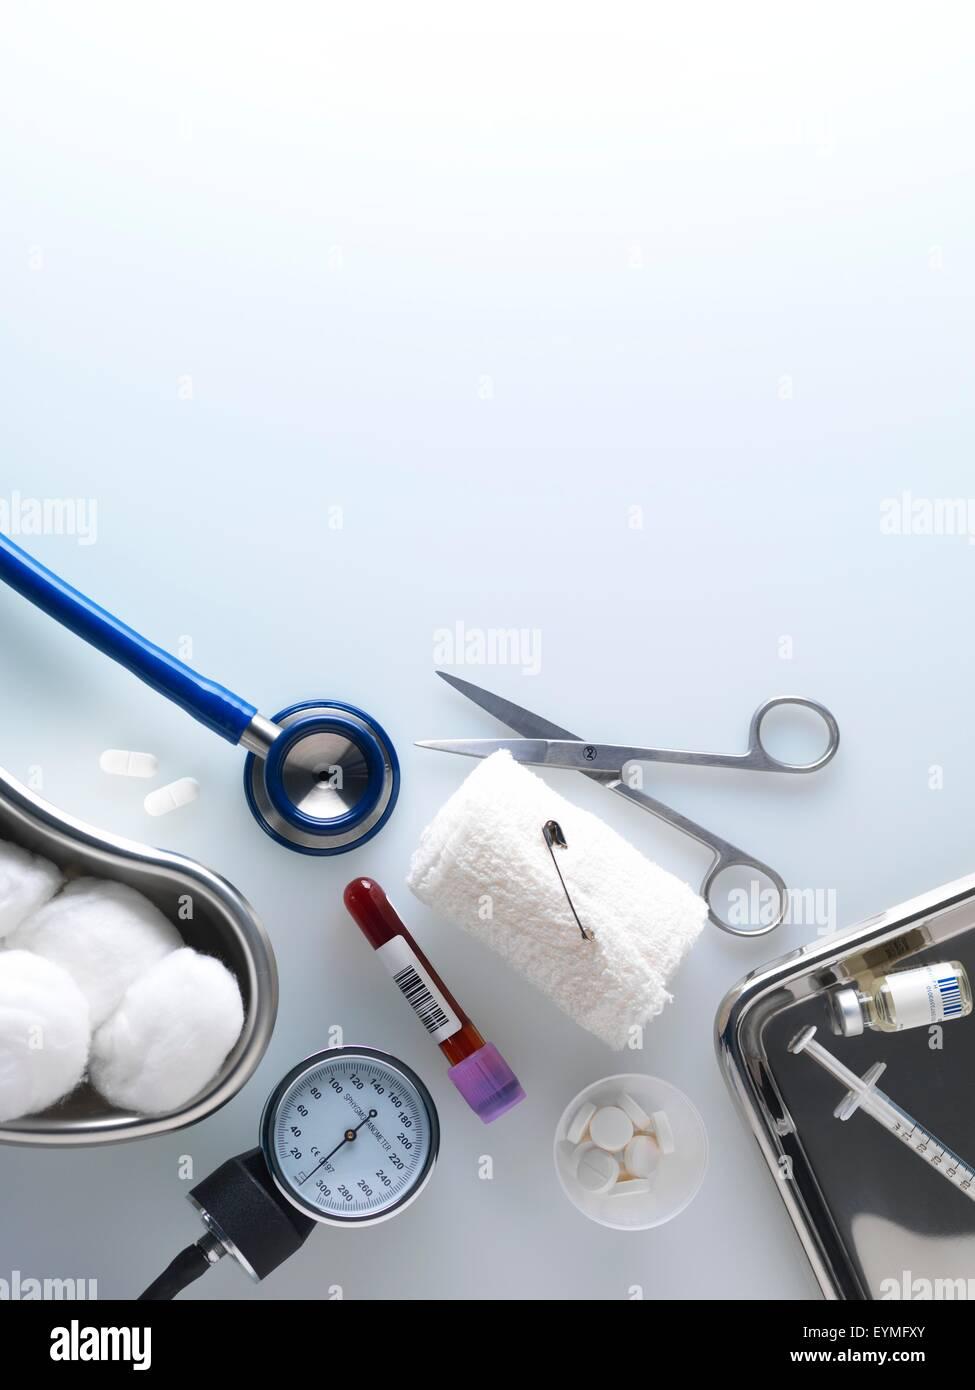 Un assortimento di attrezzature mediche e materiali di consumo Immagini Stock